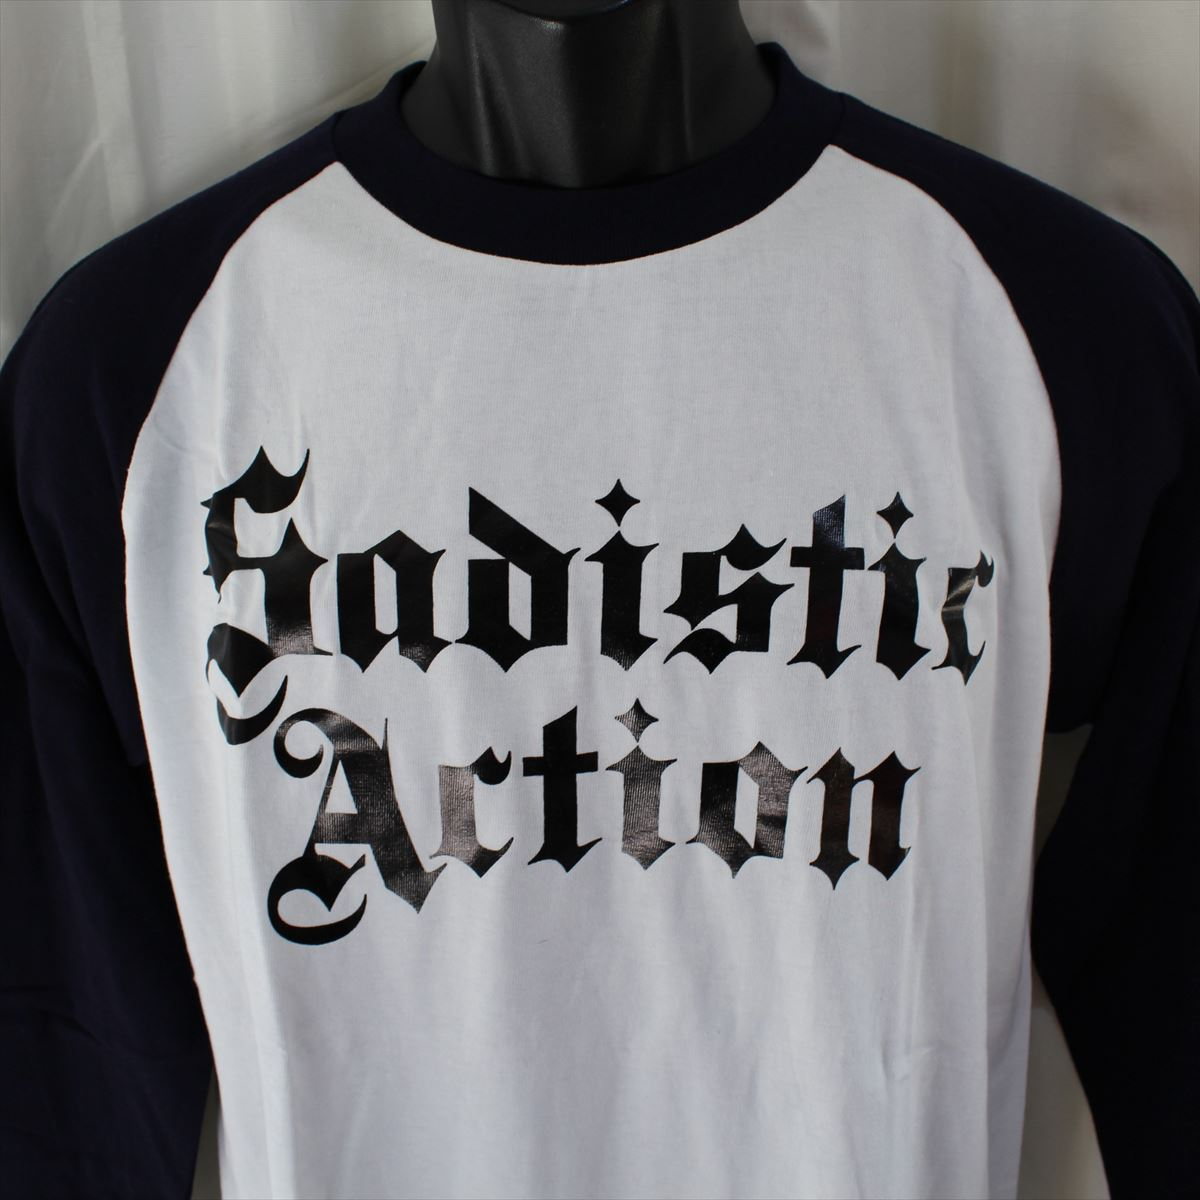 サディスティックアクション SADISTIC ACTION メンズ長袖Tシャツ Mサイズ NO15 新品_画像2